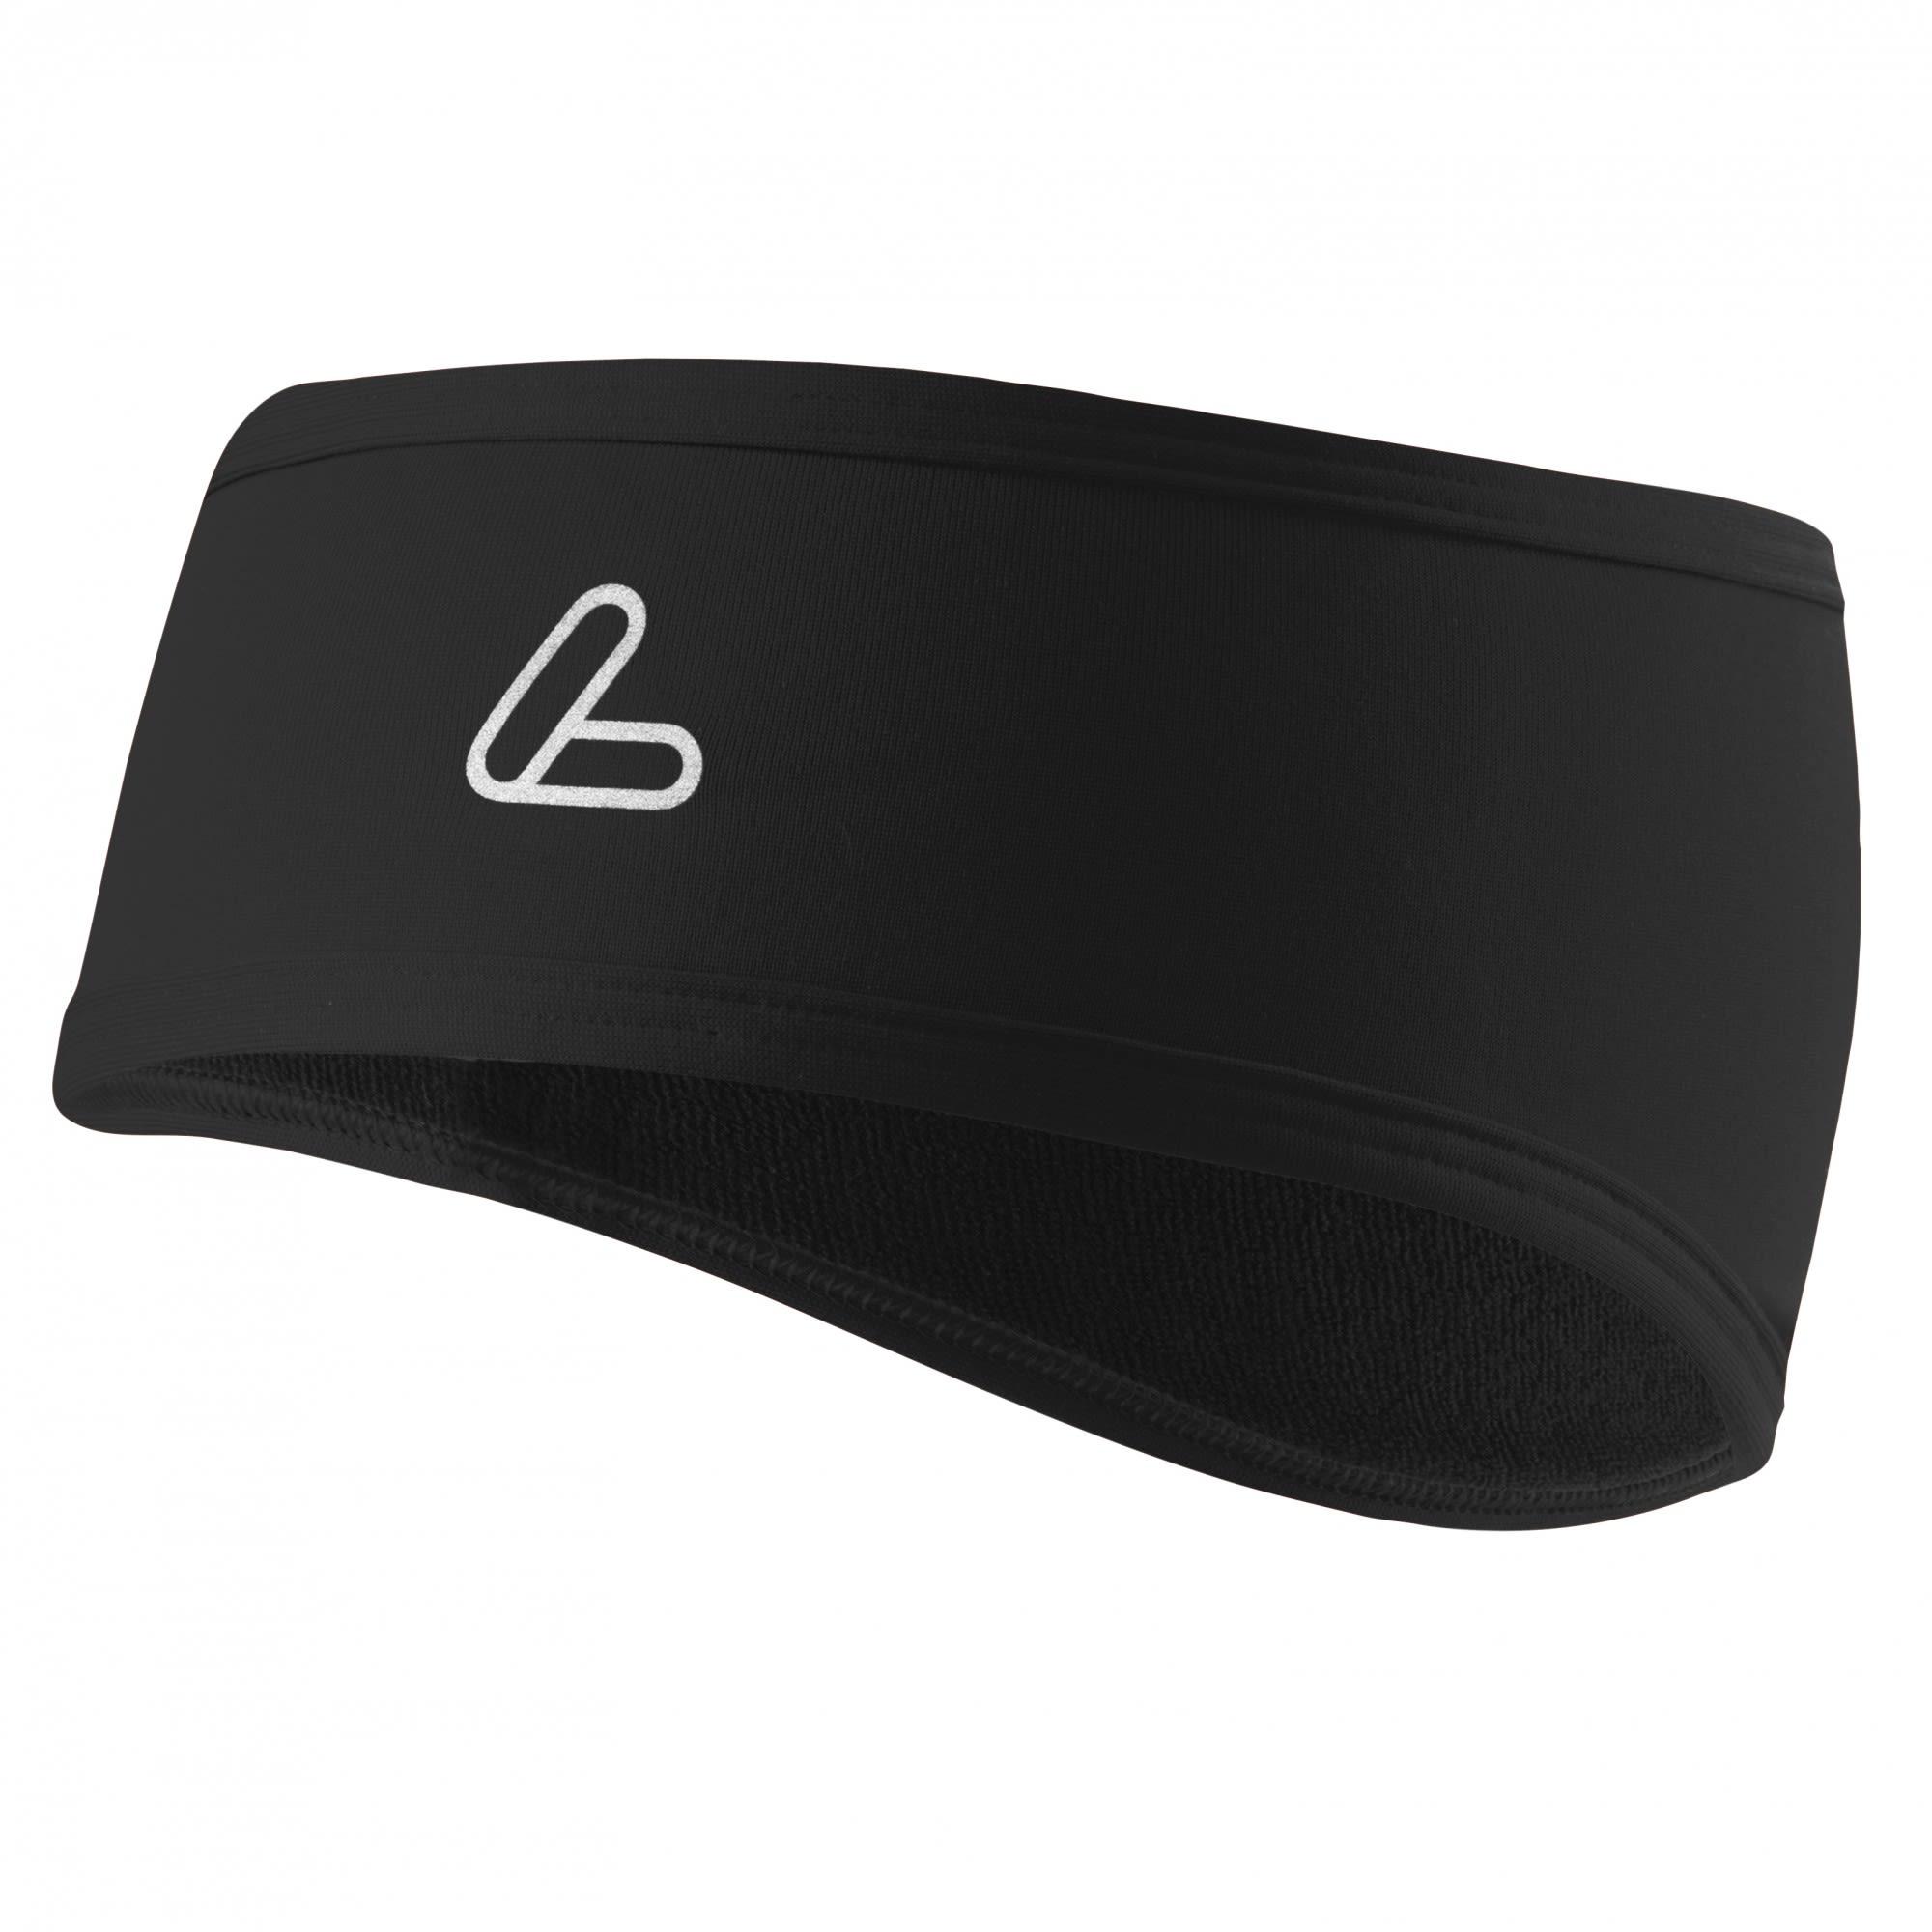 Löffler Mono Stirnband Flaps TVL Schwarz, Accessoires, One Size